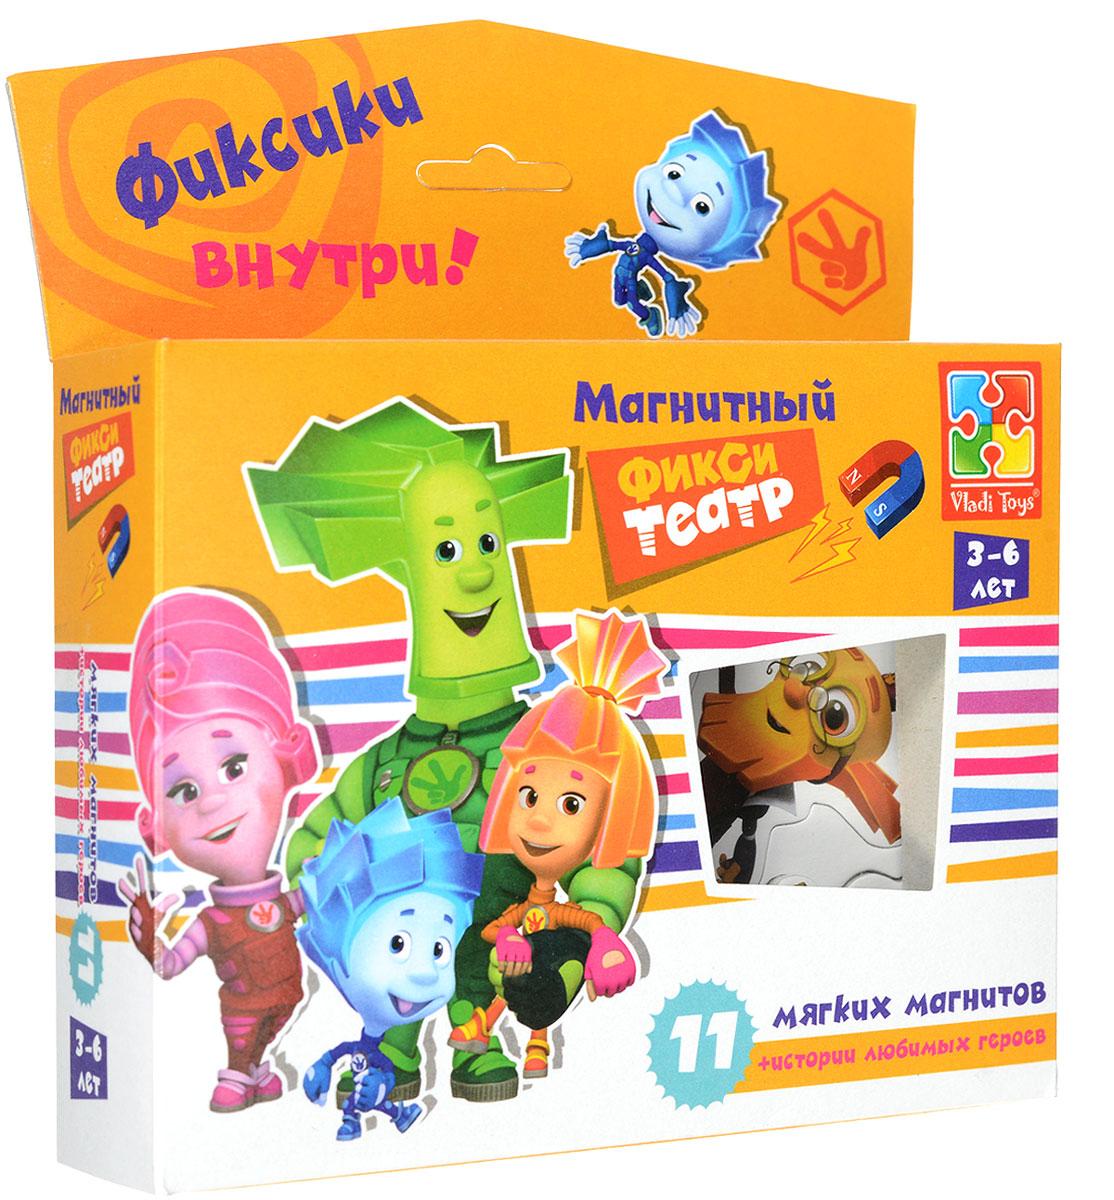 Vladi Toys Магнитный кукольный театр Фиксики VT3206-19 магнитные доски vladi toys магнитный театр три медведя